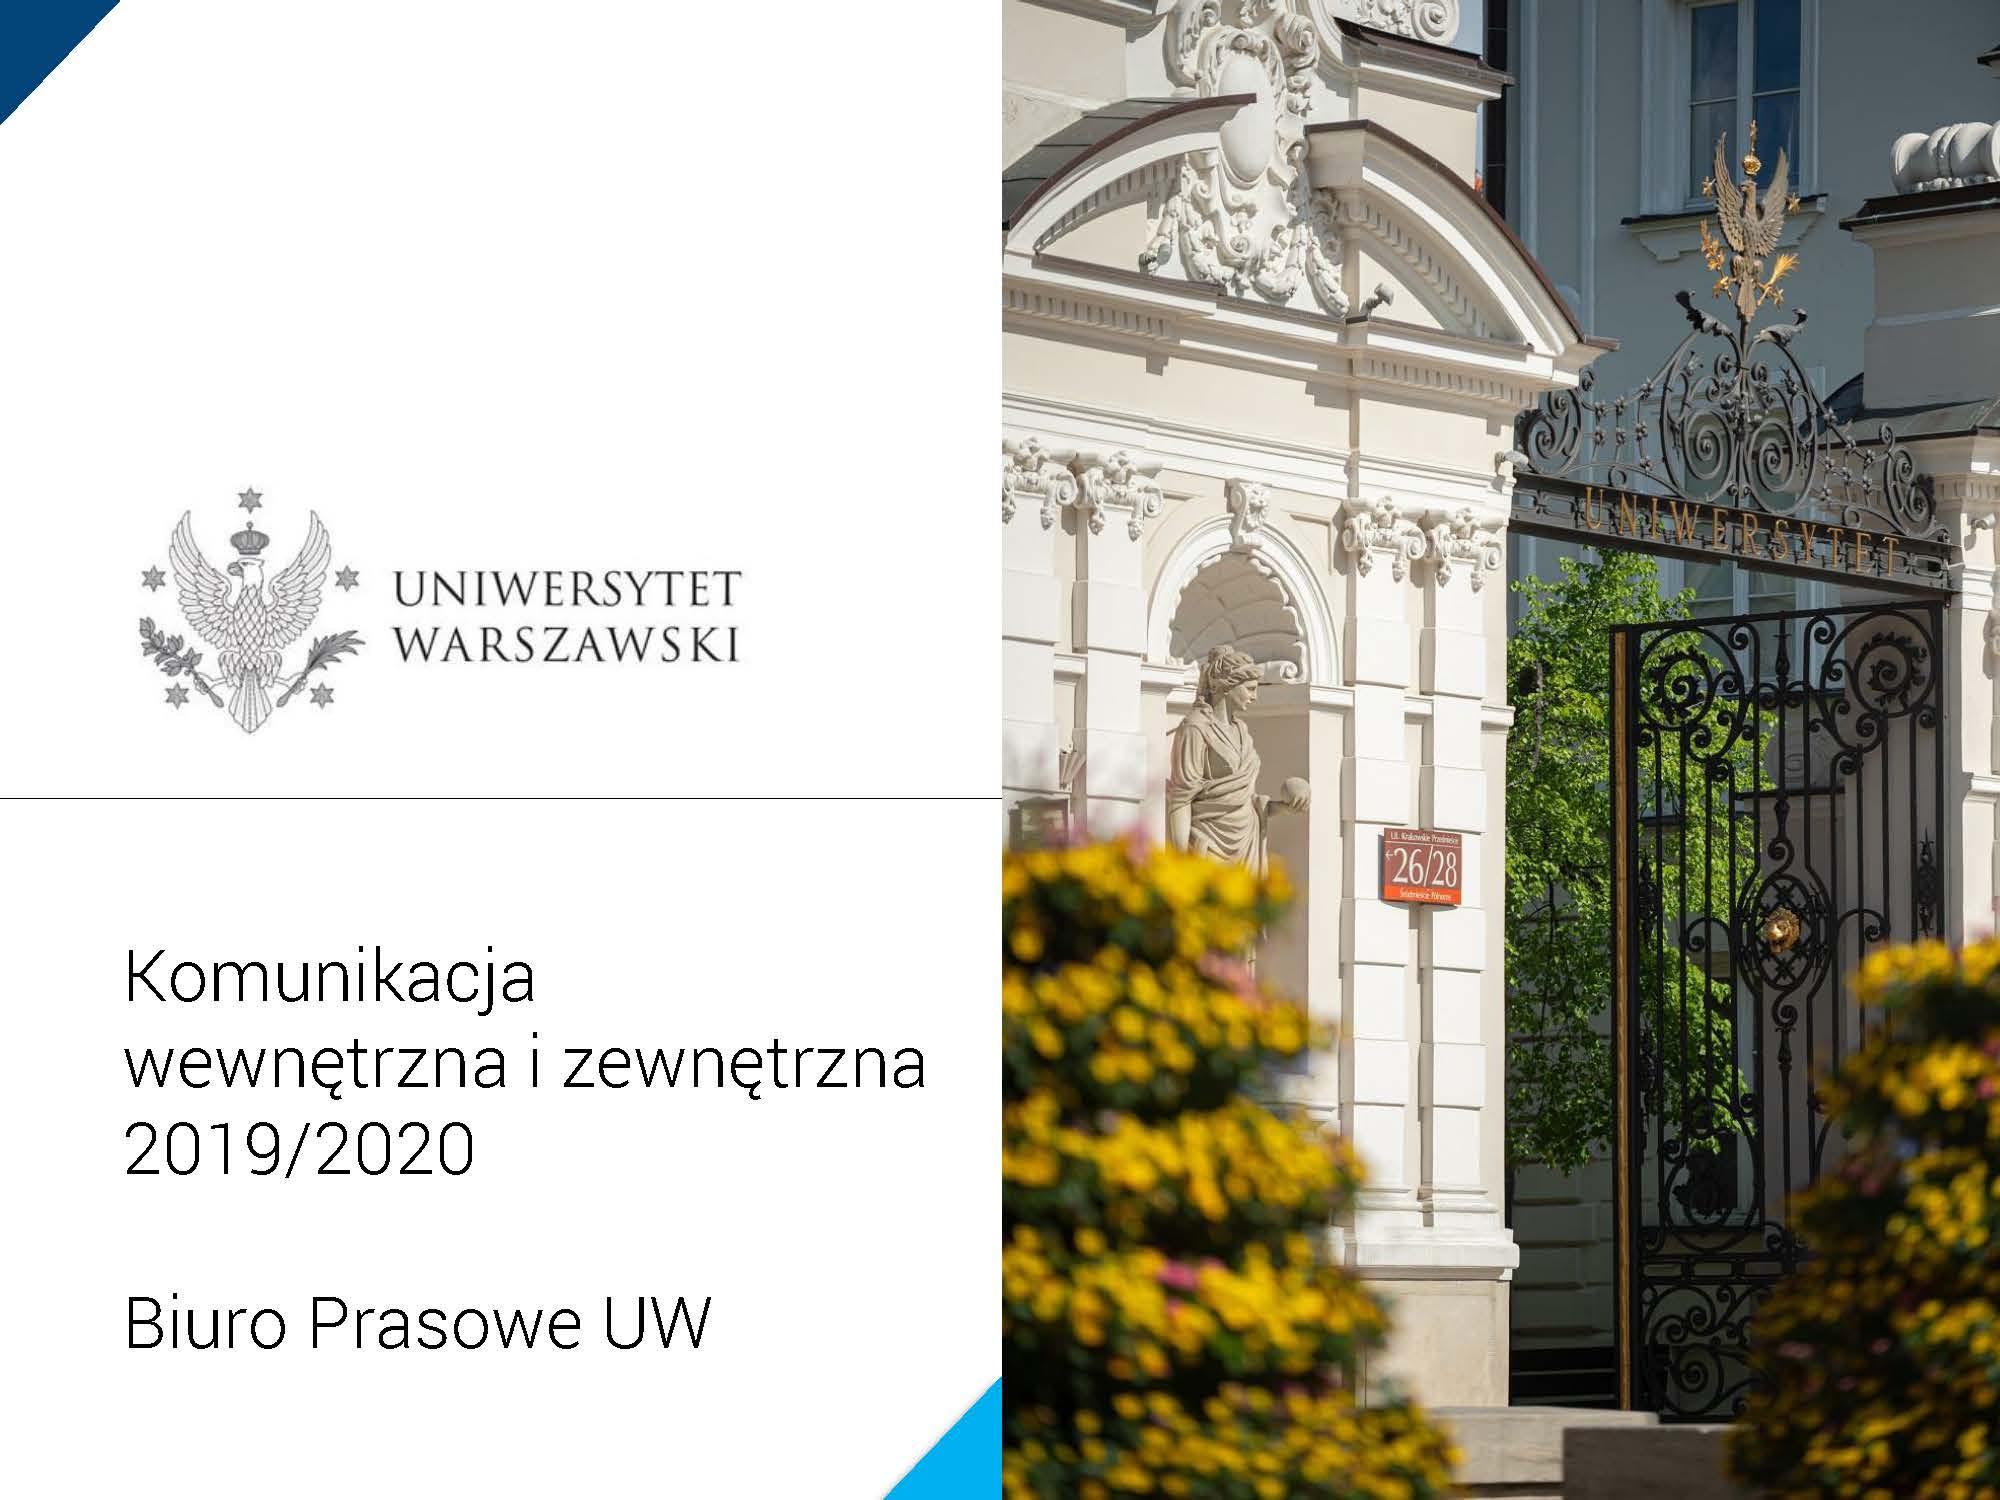 """Prezezntacja """"Komunikacja wewnętrzna i zewnętrzna, Biuro Prasowe UW, 2020"""""""